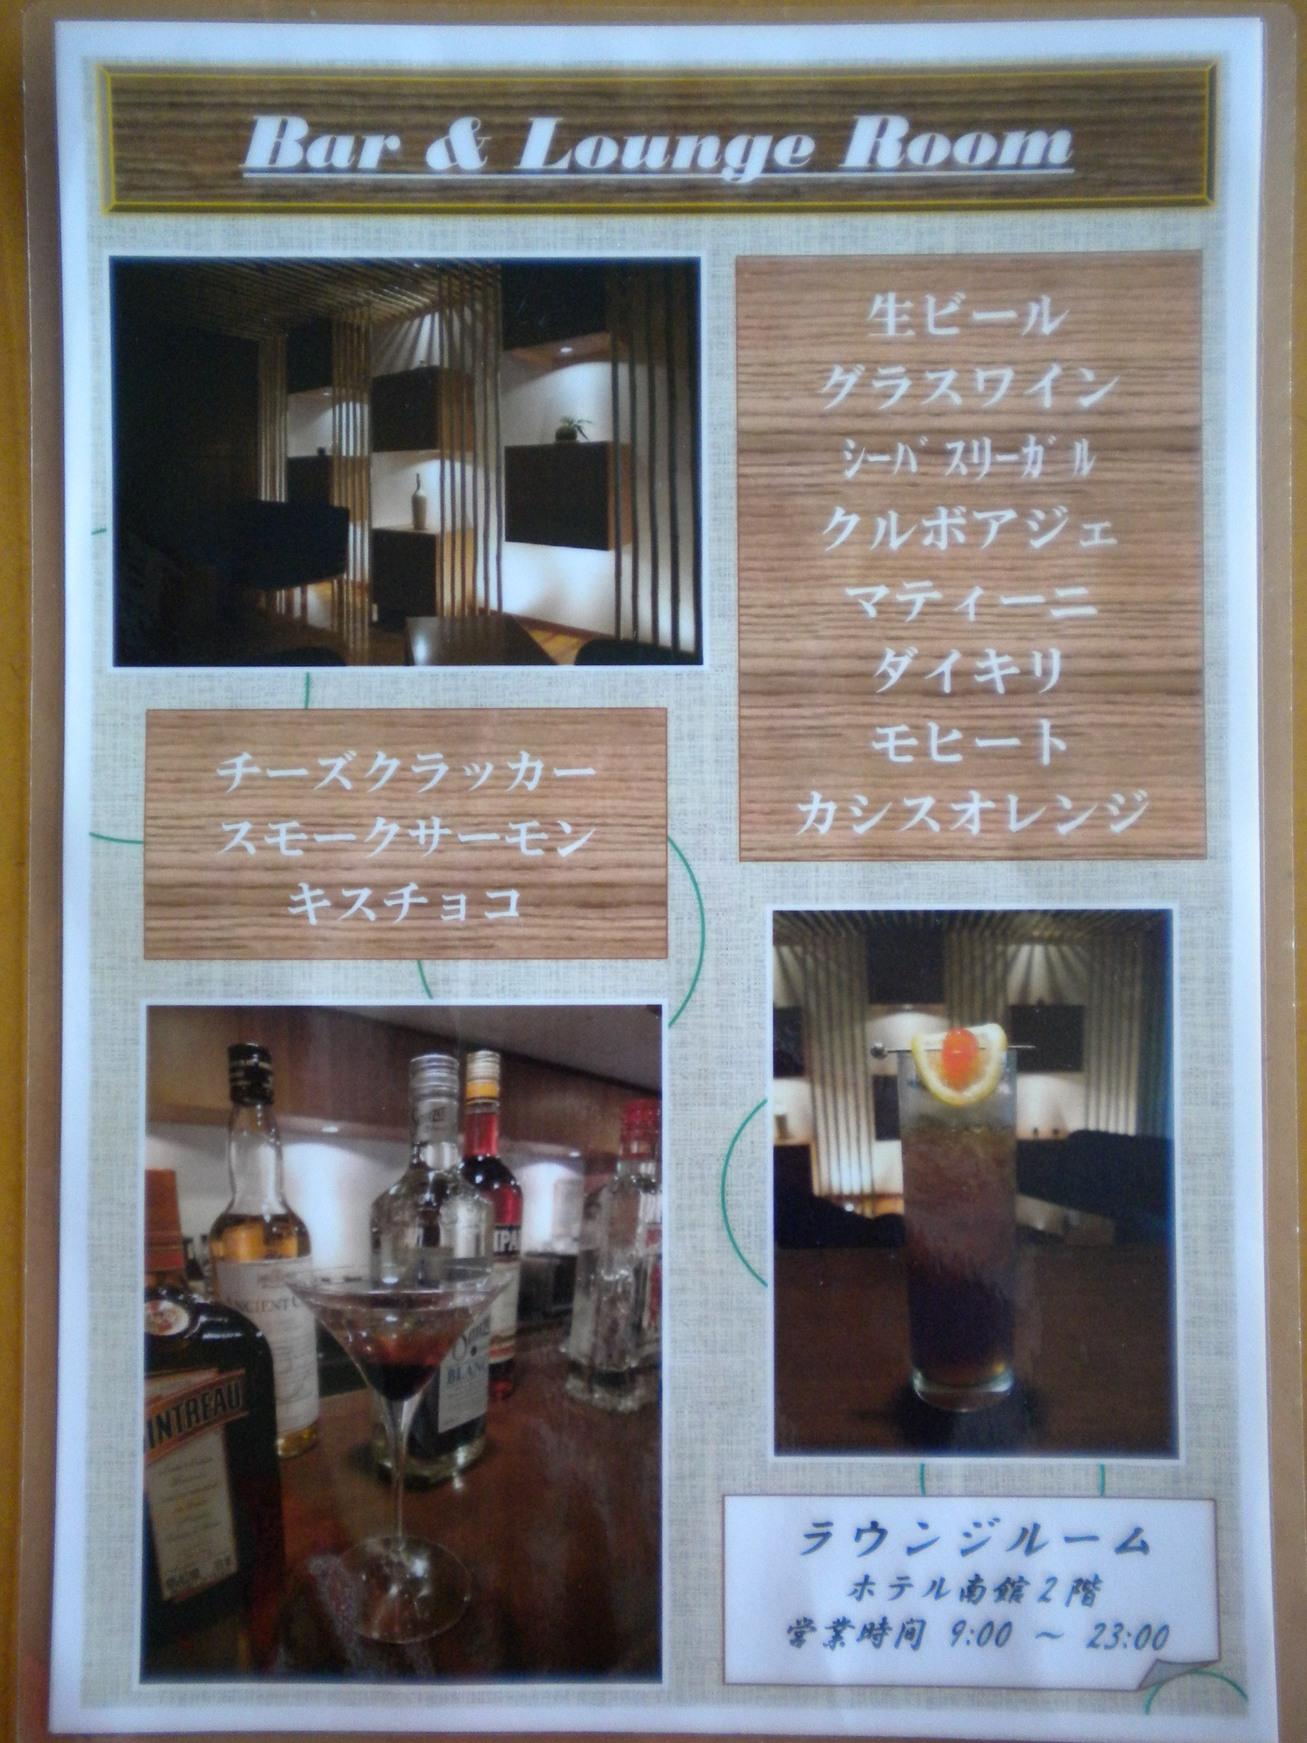 赤沢温泉ホテル ラウンジルーム